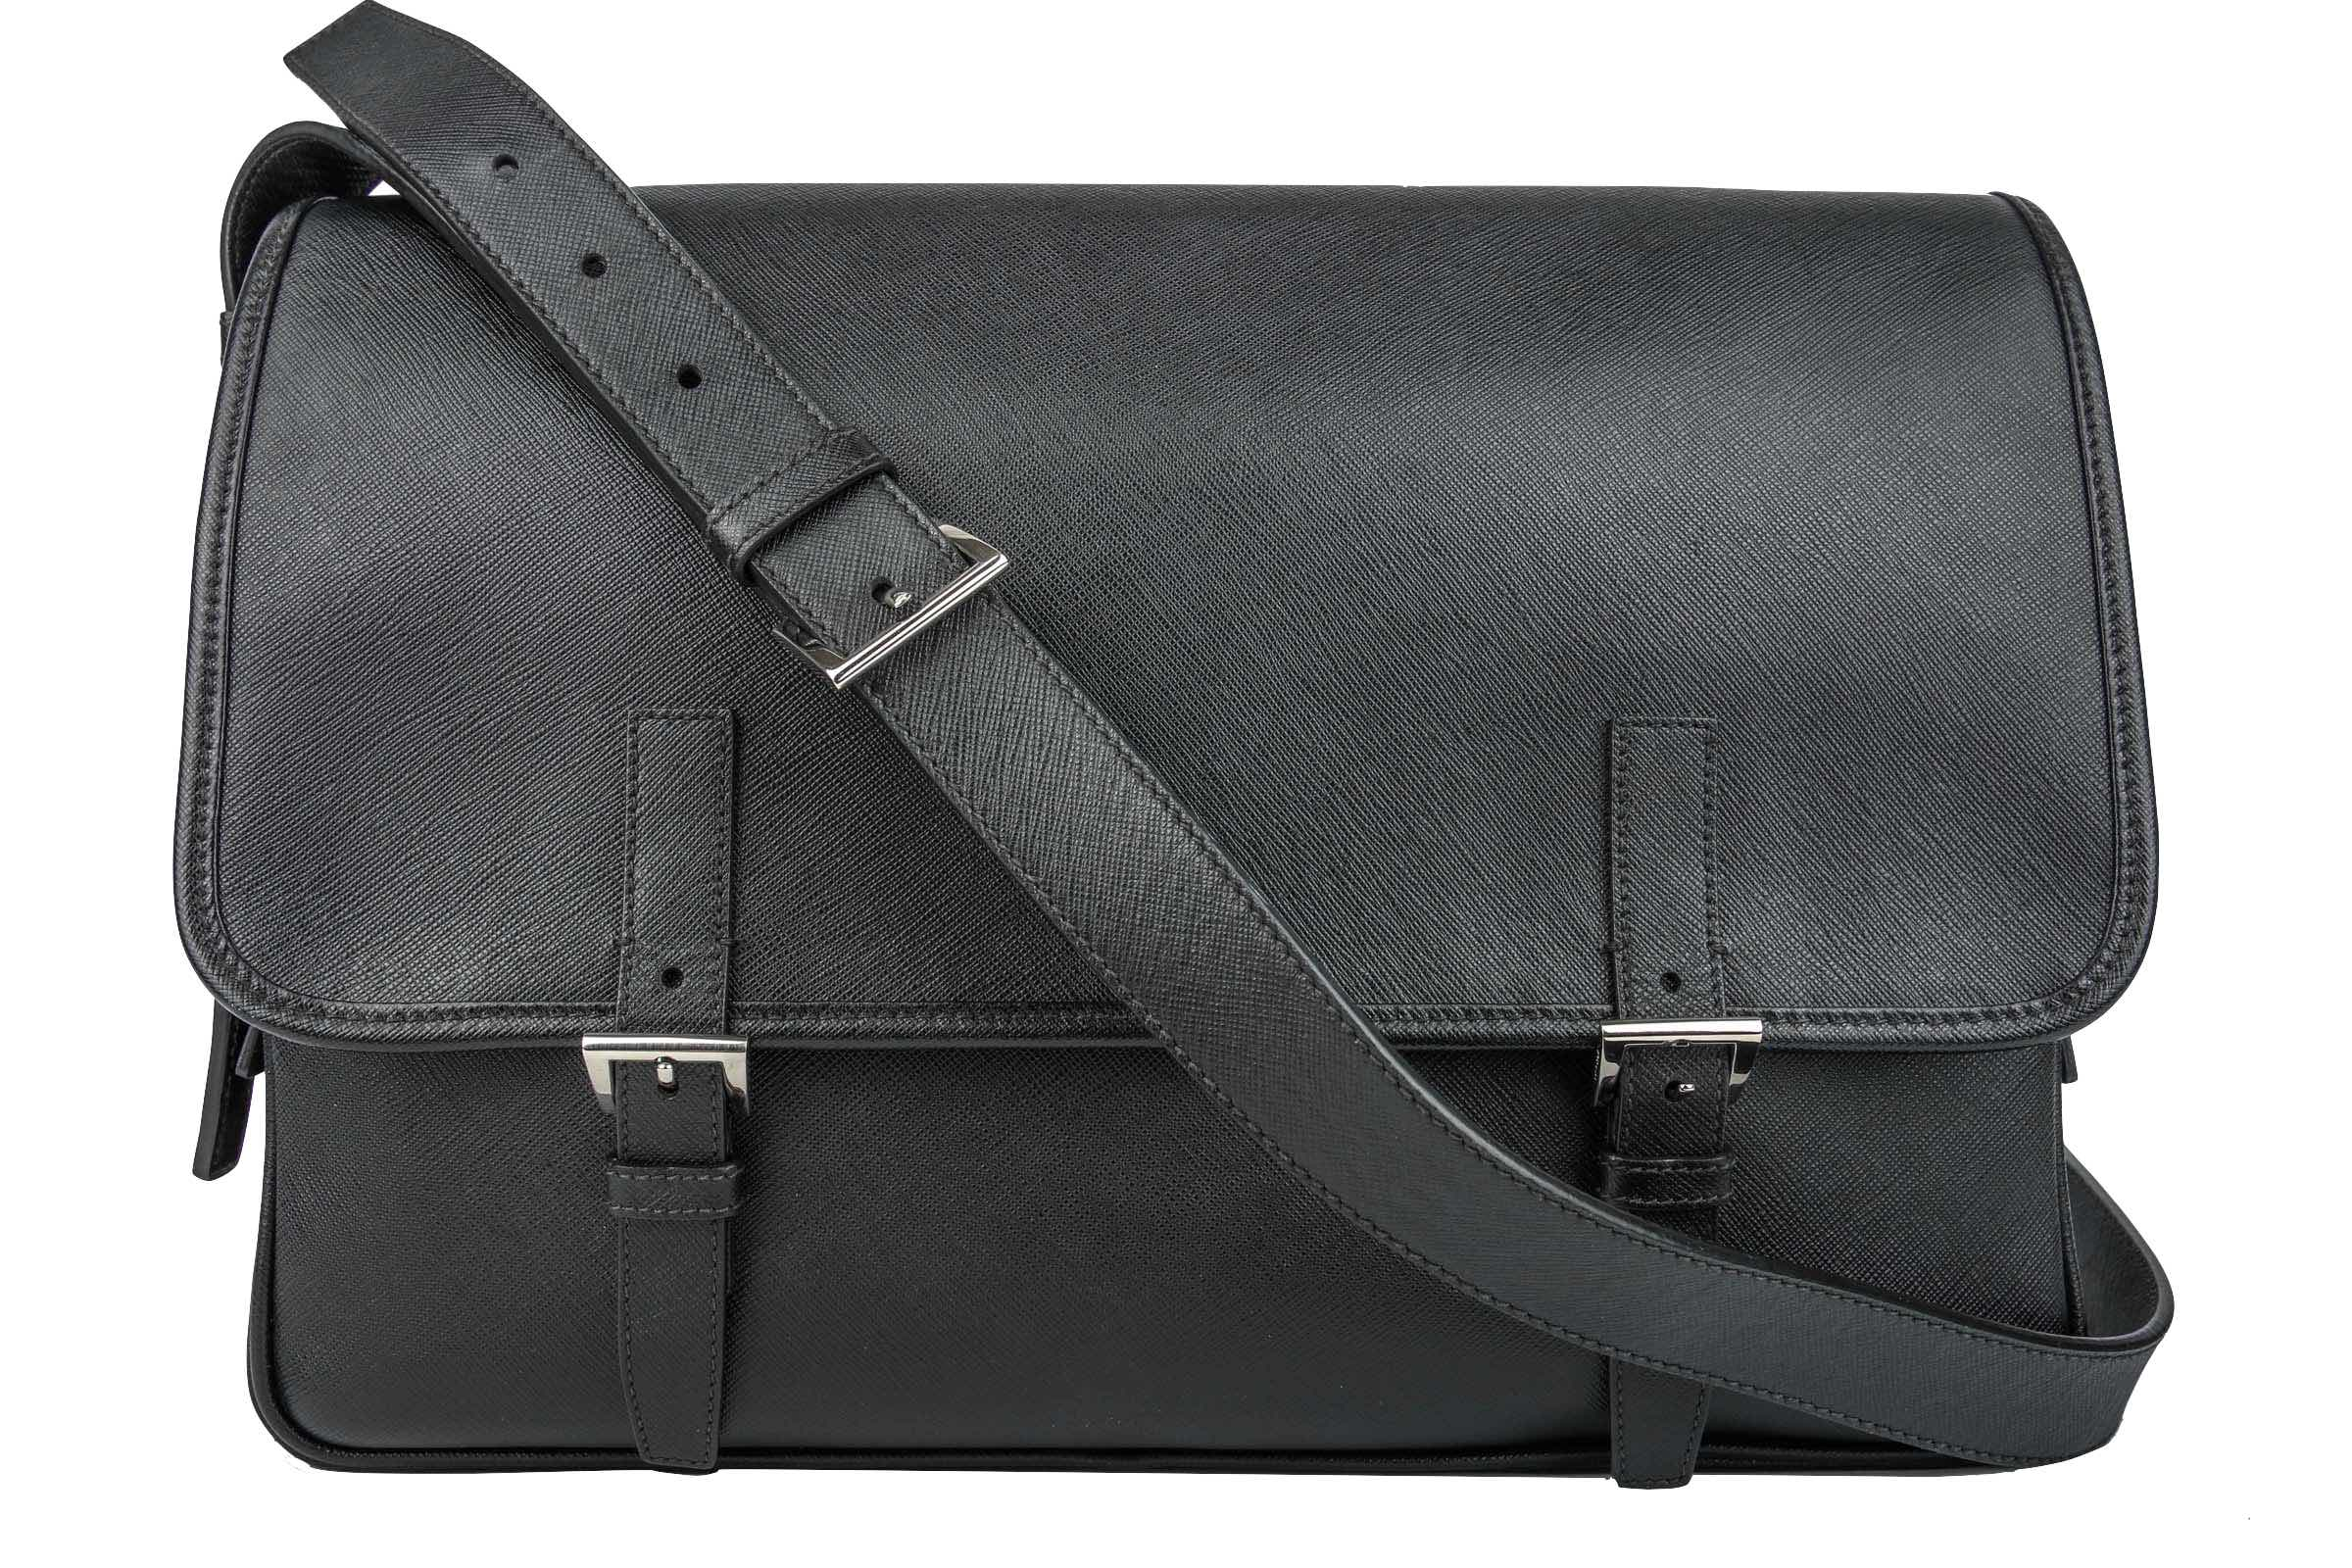 7bb35d931bf2 Prada messenger bag saffiano leather black jpg 2400x1600 Green prada madras  bag